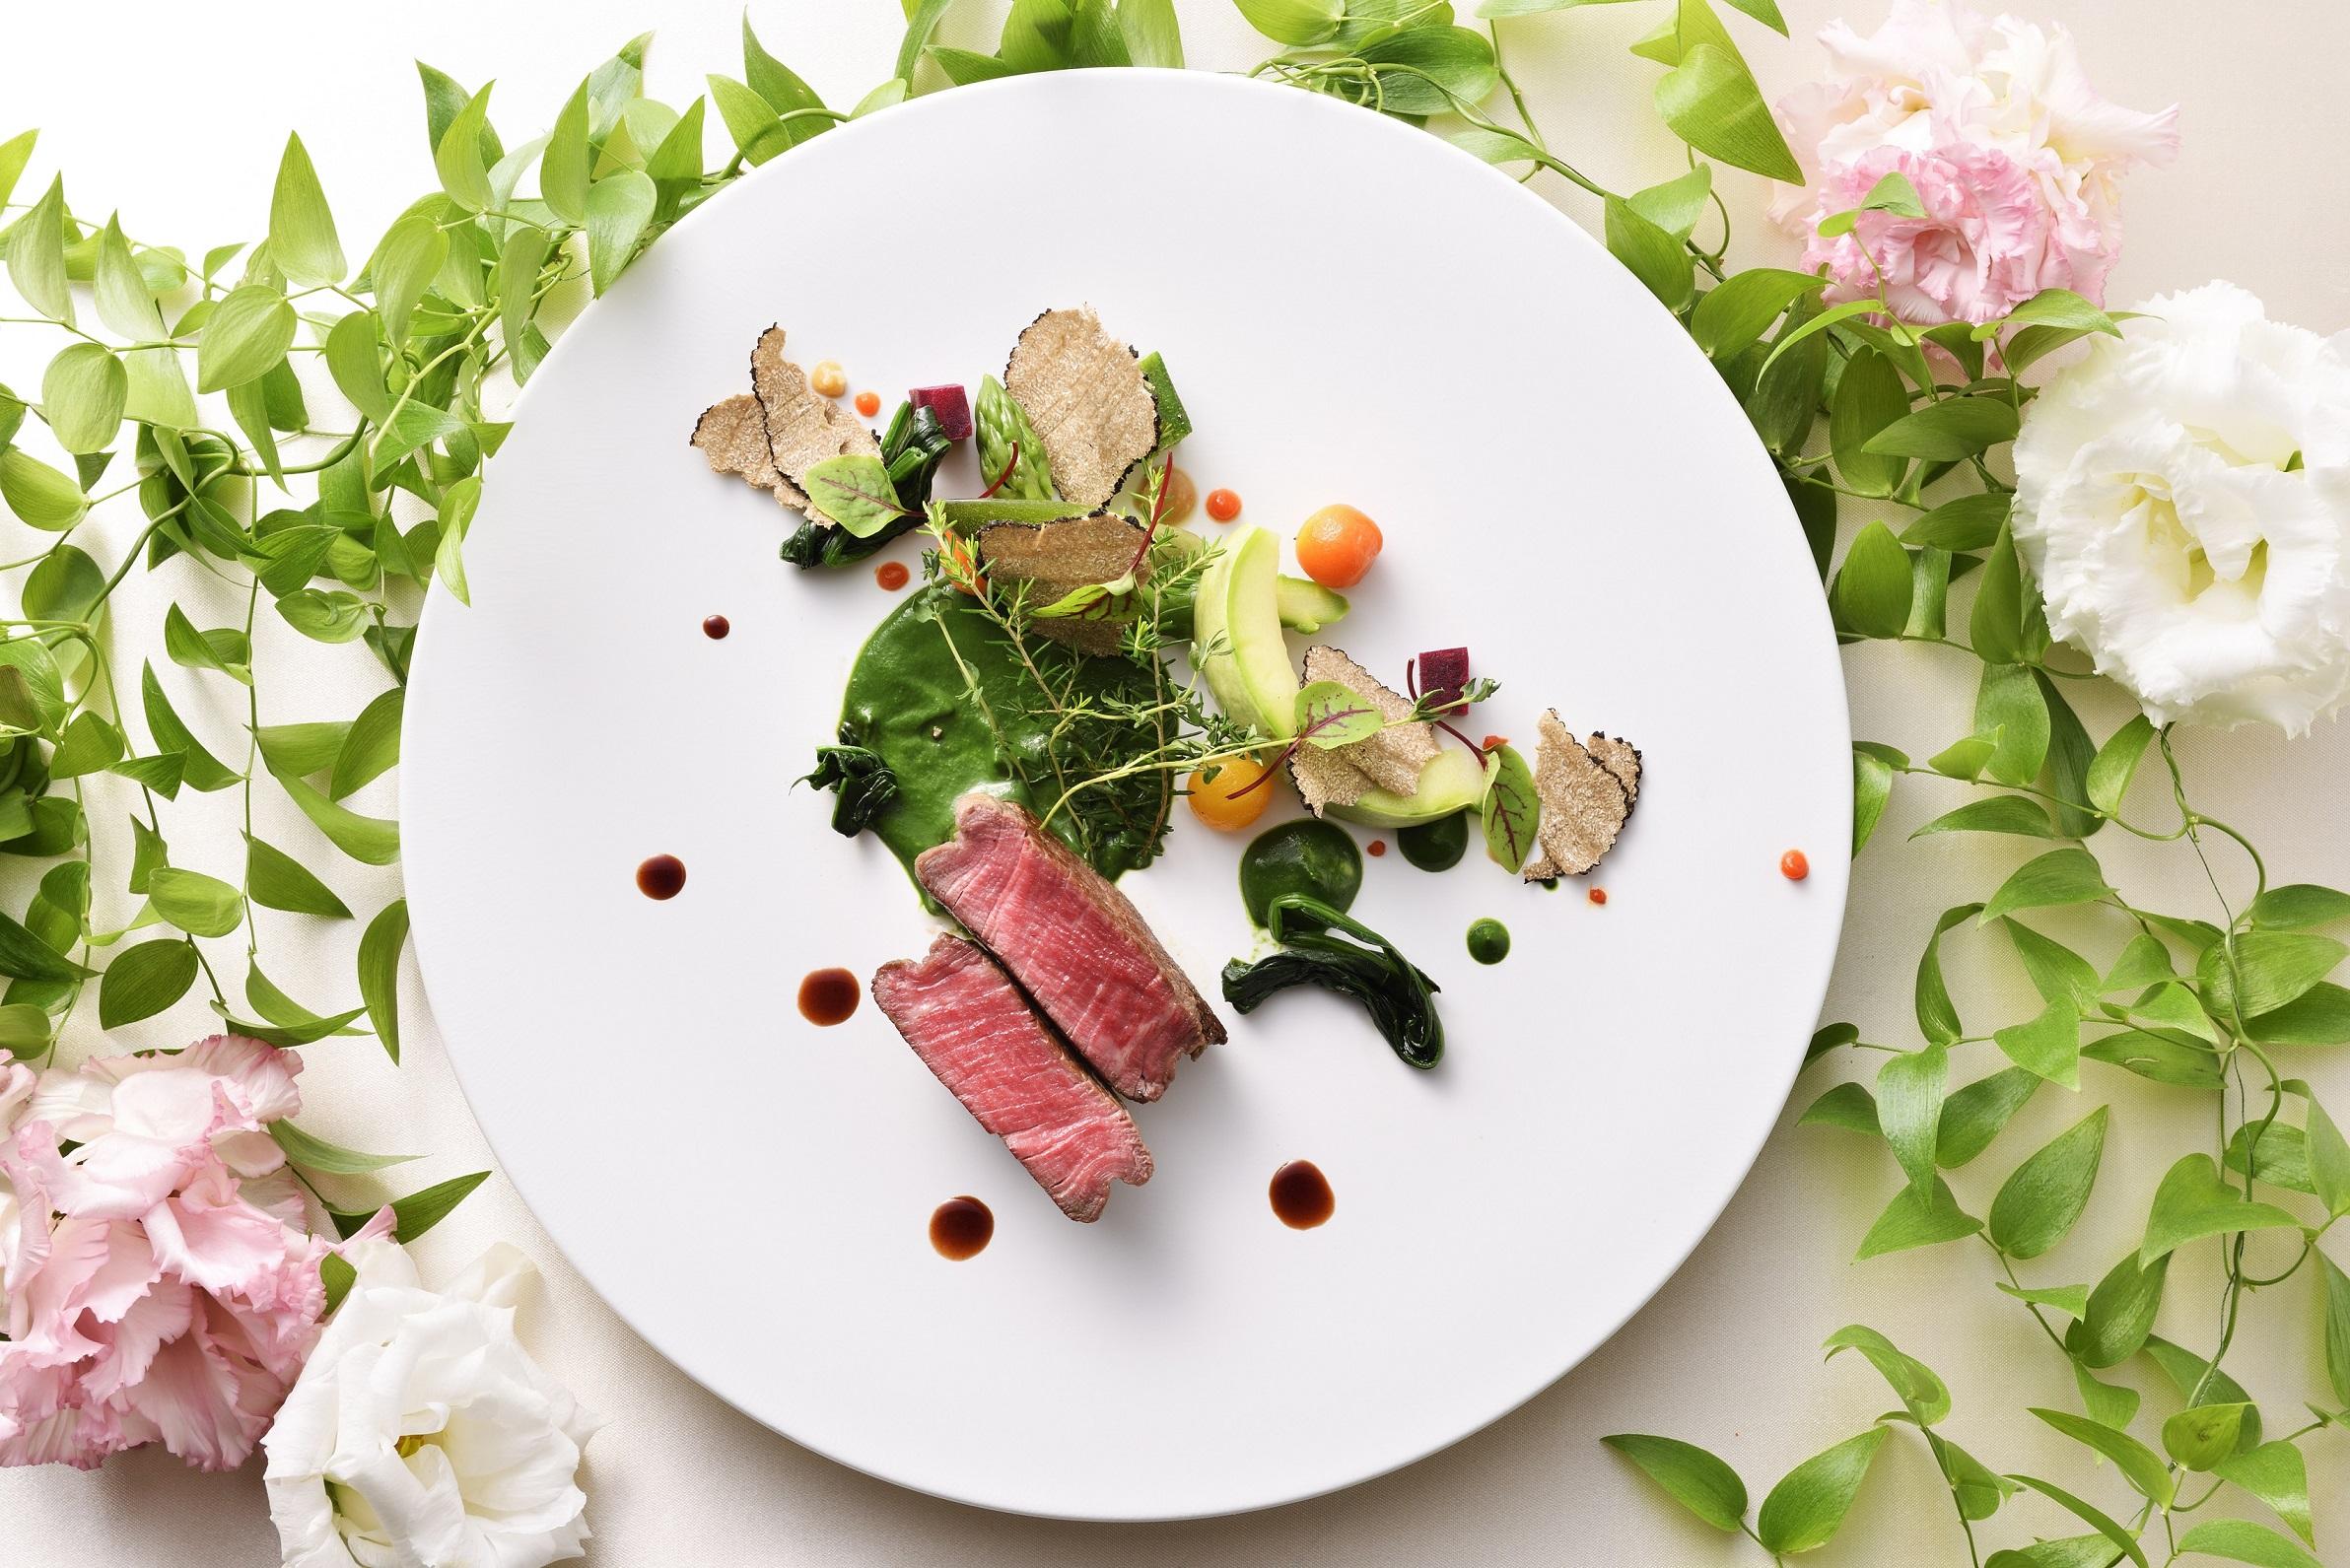 完全貸切◆口コミNO1和牛フィレを堪能♪お料理重視カップル必見◆